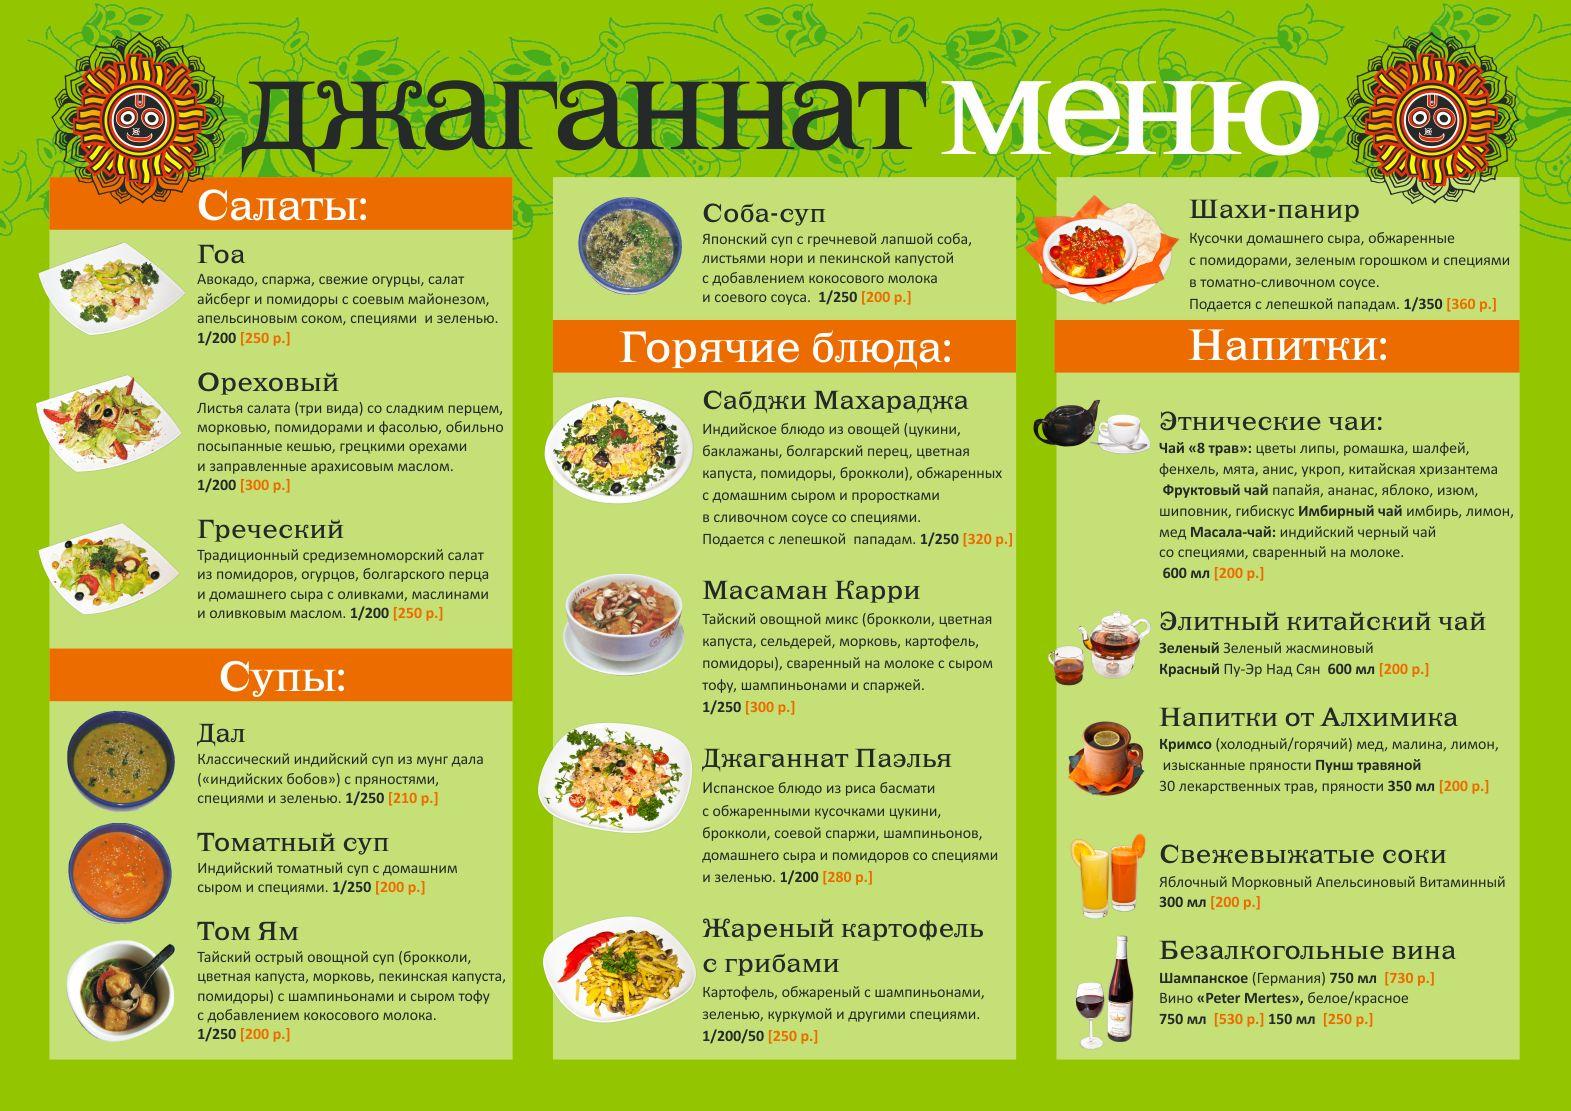 Здоровое питание меню неделю похудеть